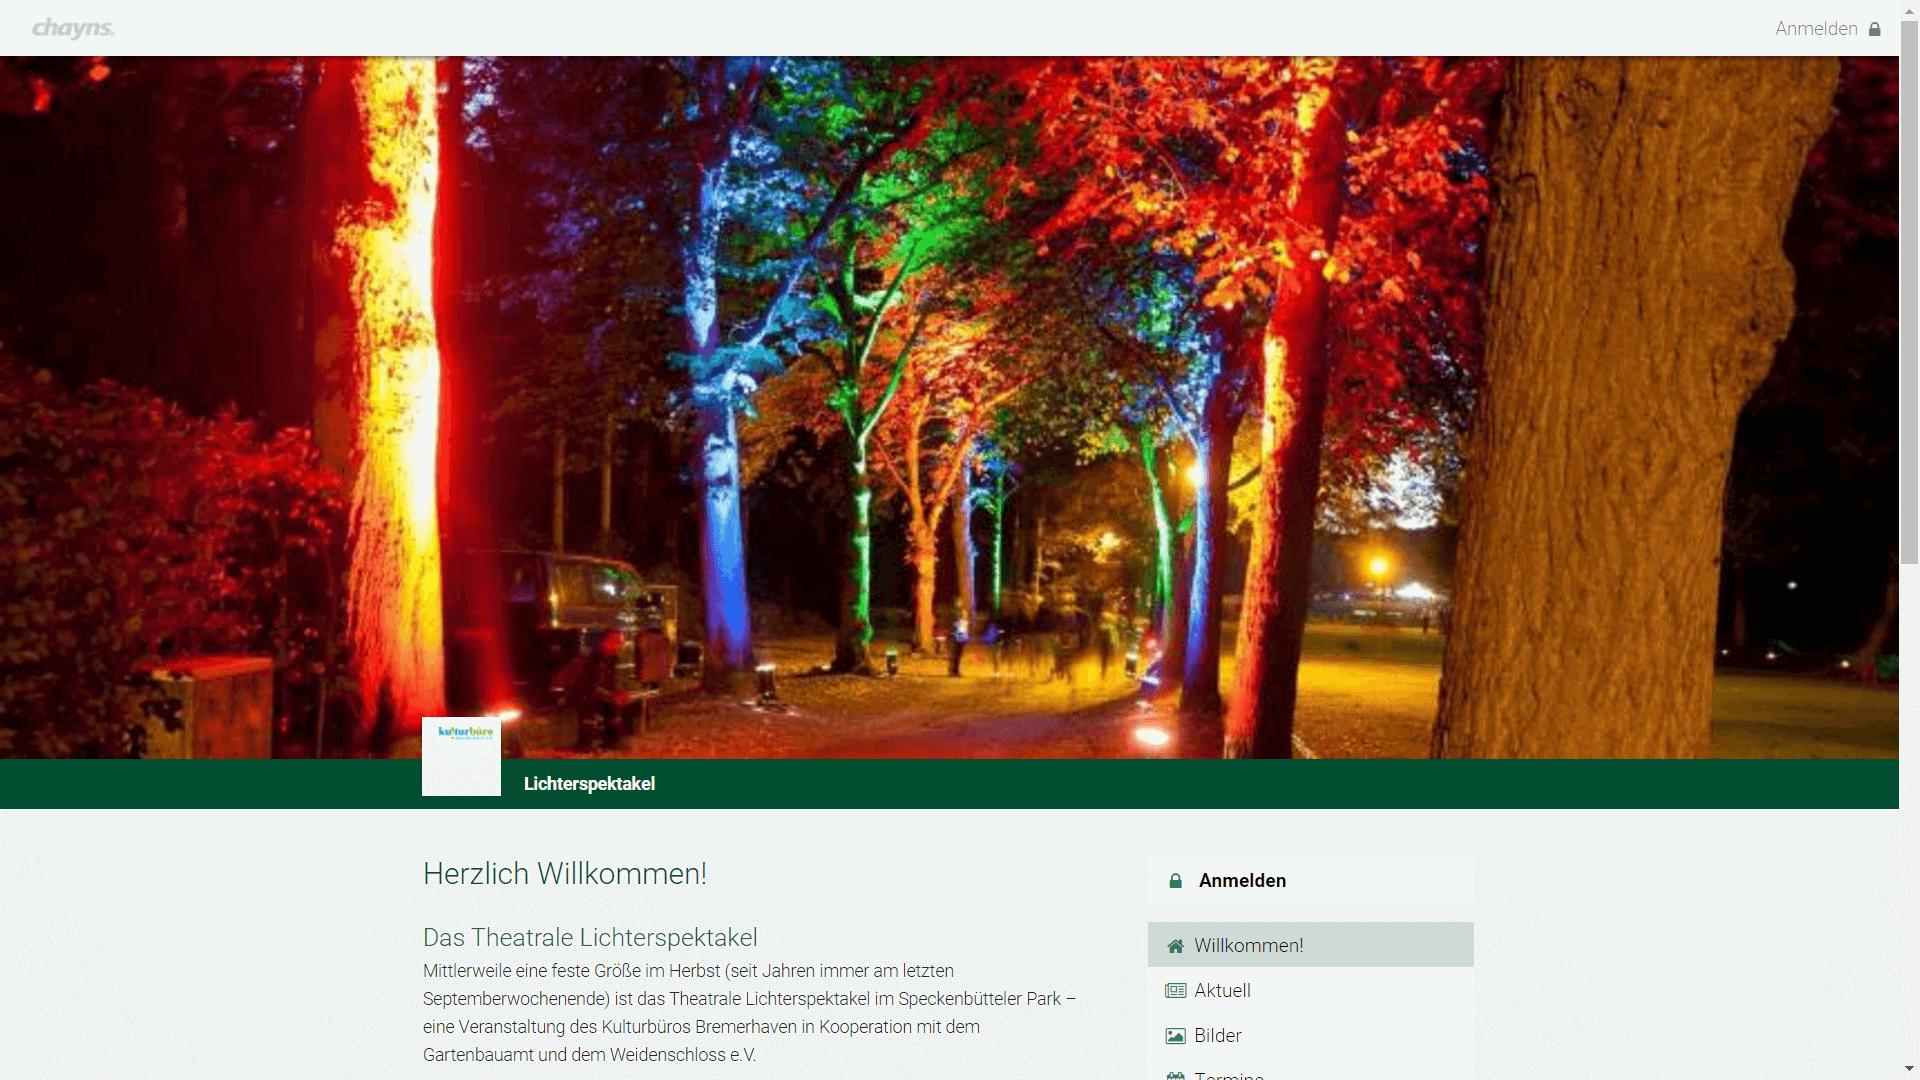 Event - Theatrales Lichterspektakel